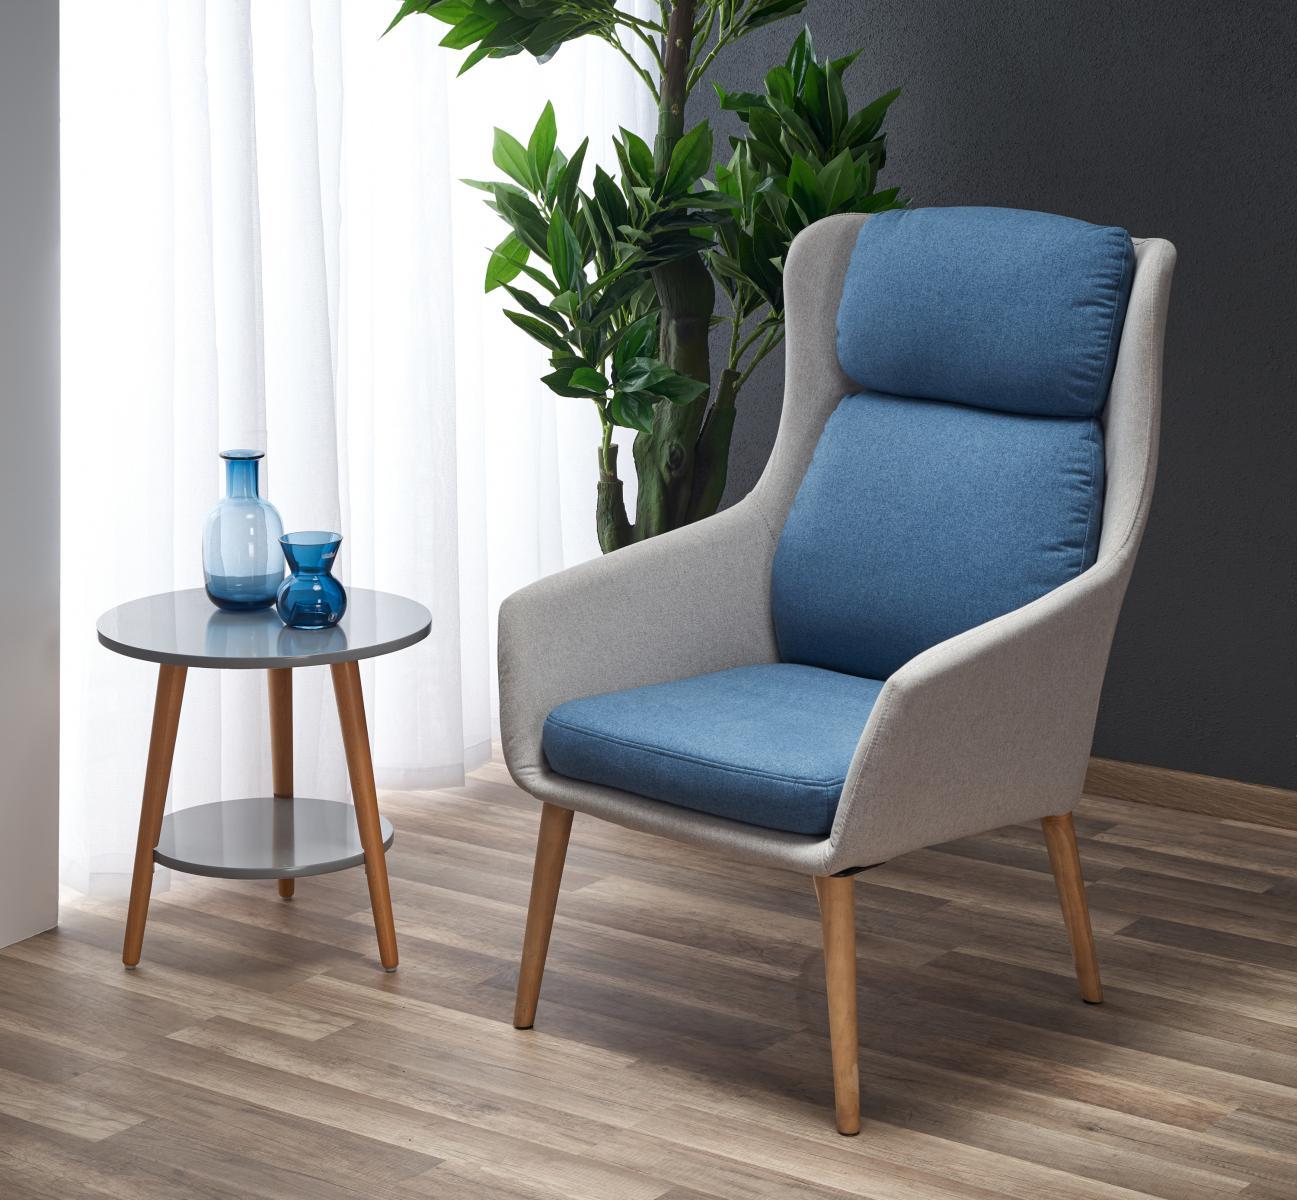 Fotel Purio jasny popiel / niebieski